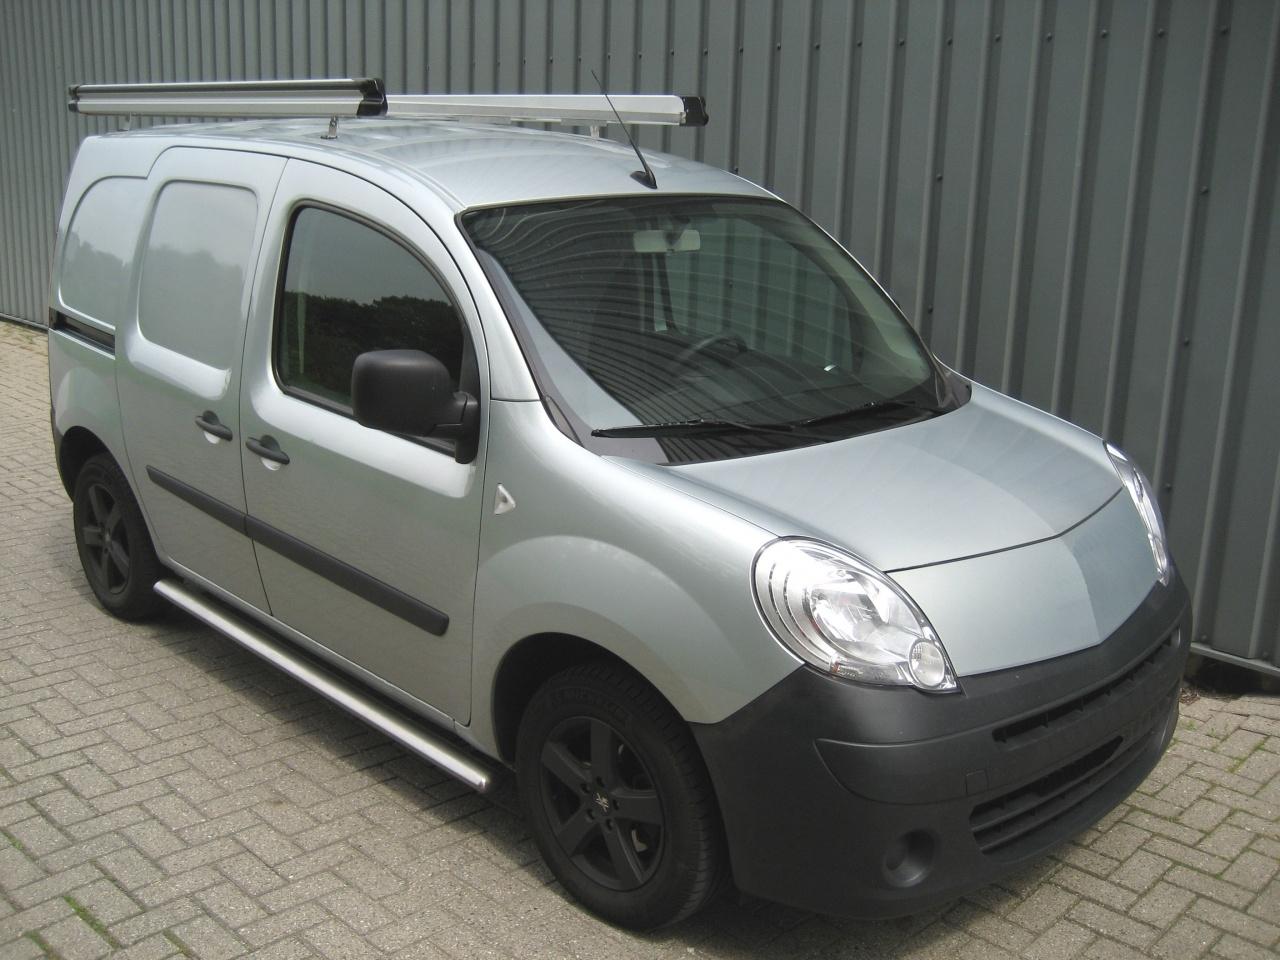 Aluminium imperiaal Renault Kangoo vanaf 2008 WB 0 Compact met achterdeuren inclusief opsteekrol